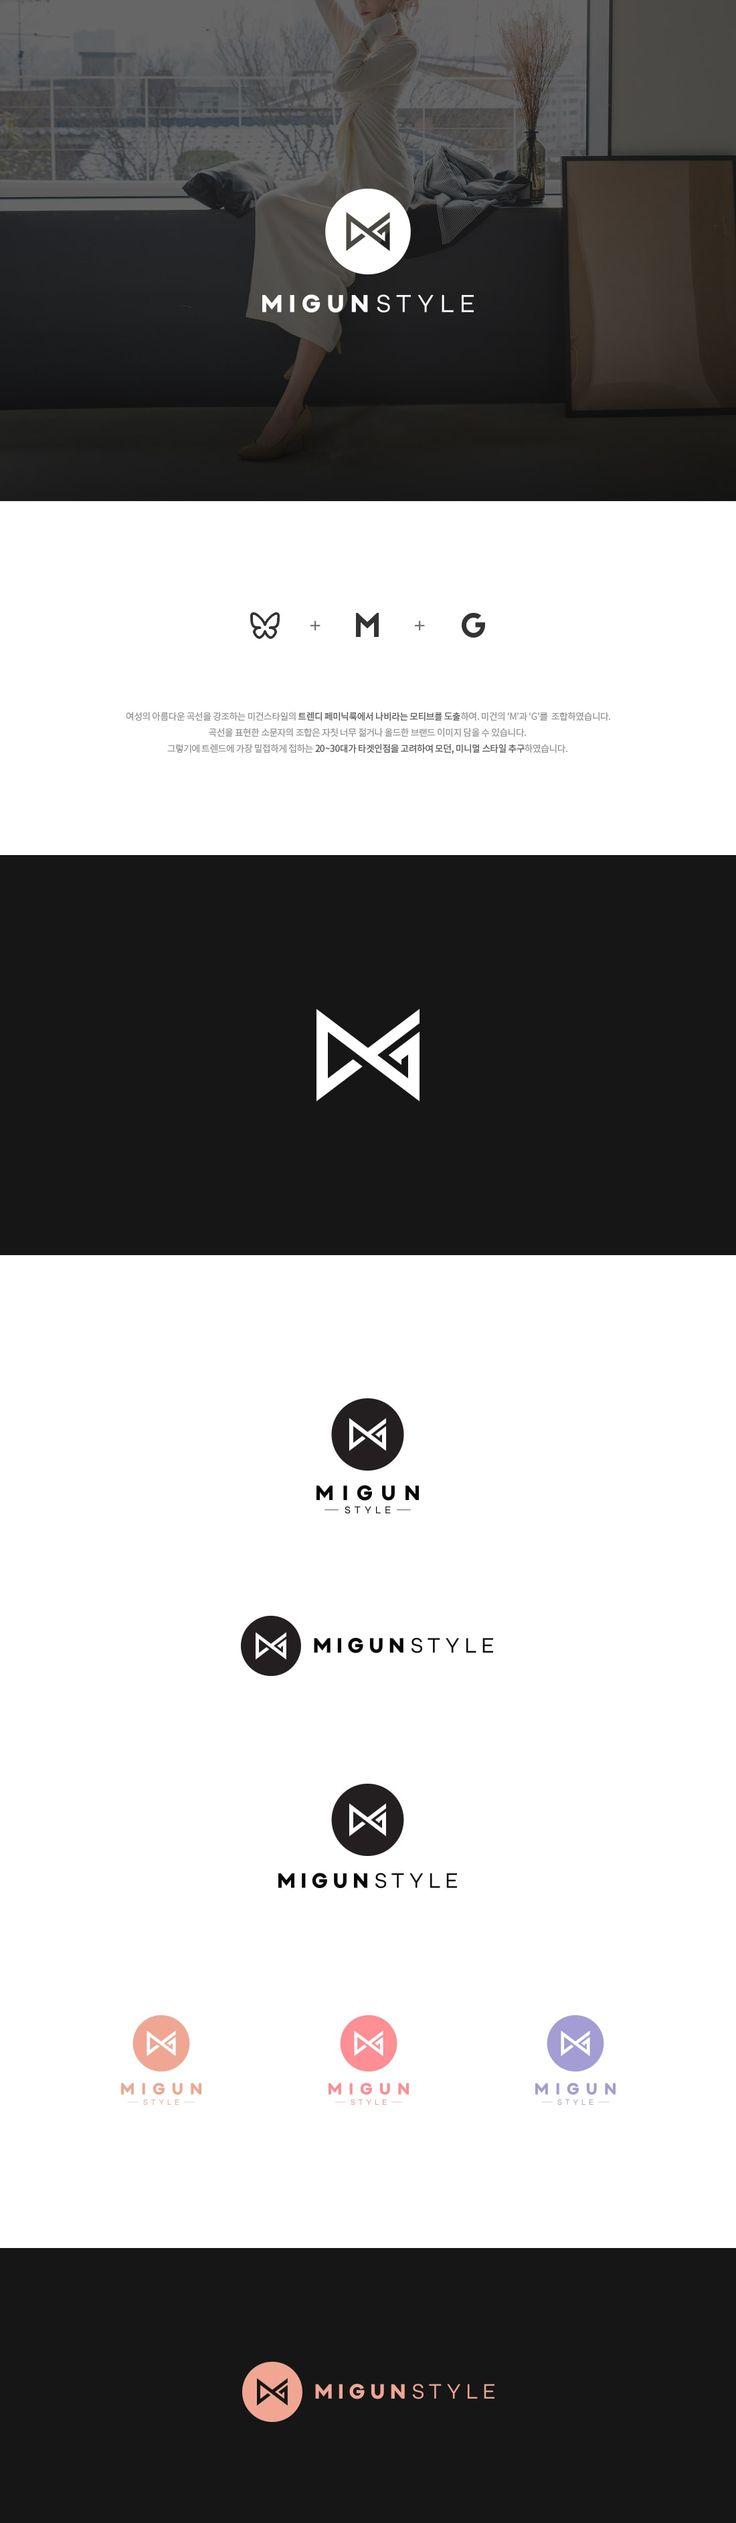 미건스타일/ Design by LAVE / 여성의 아름다운 곡선을 강조하는 미건스타일의 트렌디 페미닉룩에서 나비라는 모티브를 도출하여 미건의 'M'과 'G'를 조합한 로고 디자인 #페미닌룩 #나비 #여성 #미건스타일 #모티브 #도출 #트렌드 #로고디자인 #로고 #디자인 #디자이너 #라우드소싱 #레퍼런스 #콘테스트 #logo #design #포트폴리오 #디자인의뢰 #공모전 #미니멀리즘 #맞팔 #심볼마크 #심볼 #일러스트 #작업 #color #타이포그래피 #아이콘 #곡선 #로고타입